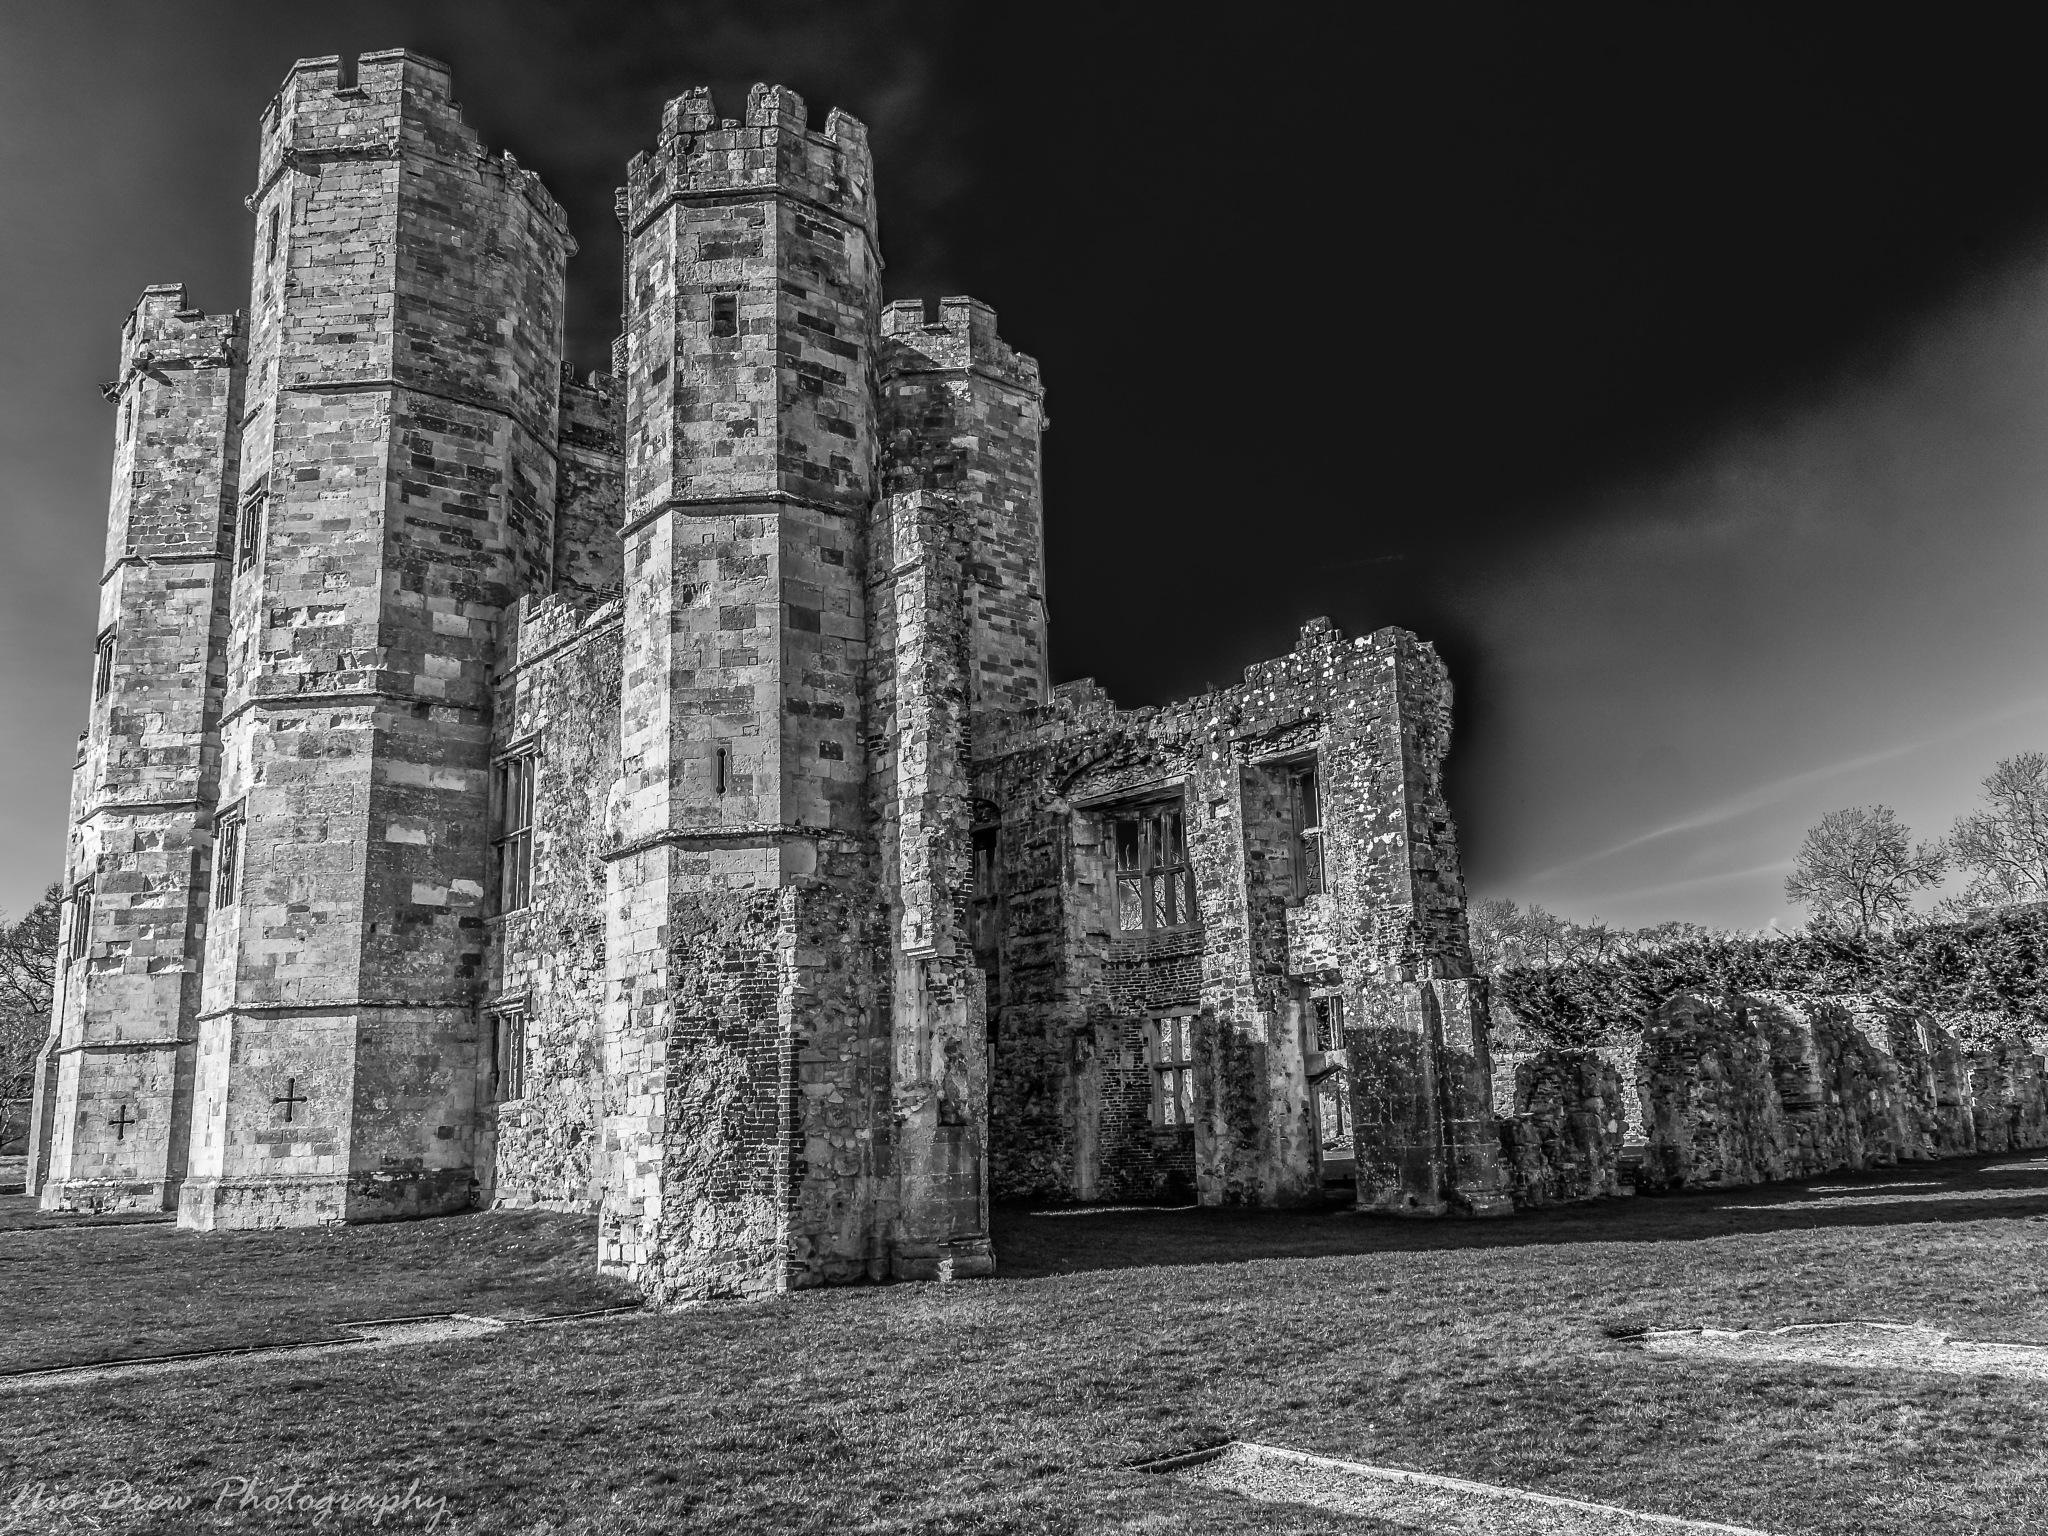 Titchfield Abbey by Nic Drew